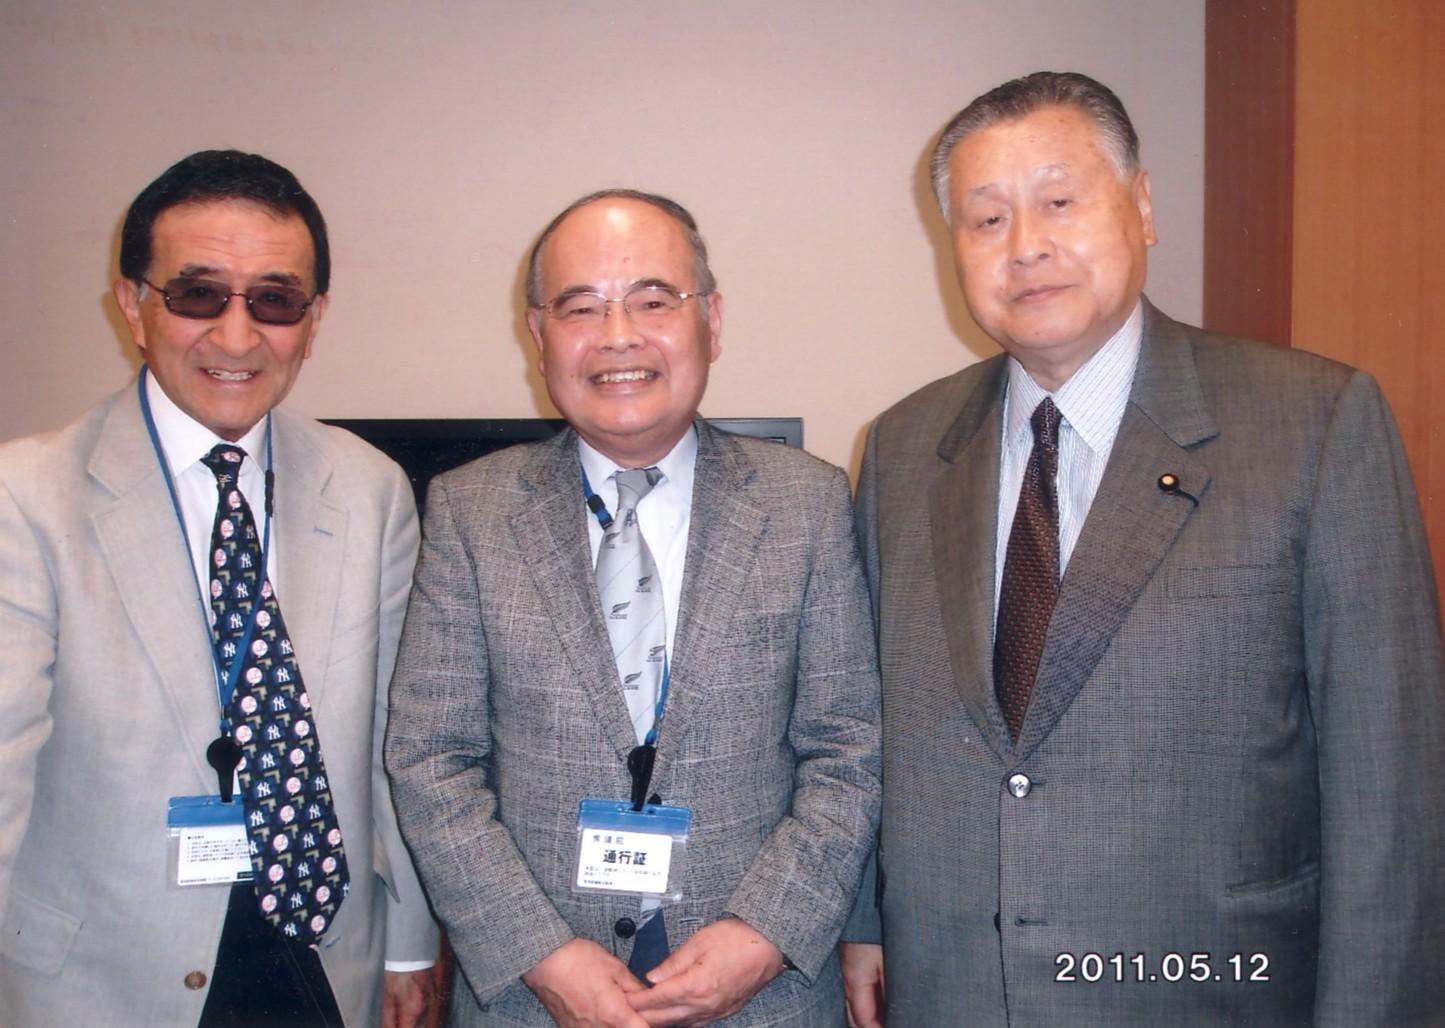 森喜朗・衆議院議員(元首相)と高校、大学の先輩佐々木信也氏 2011年5月